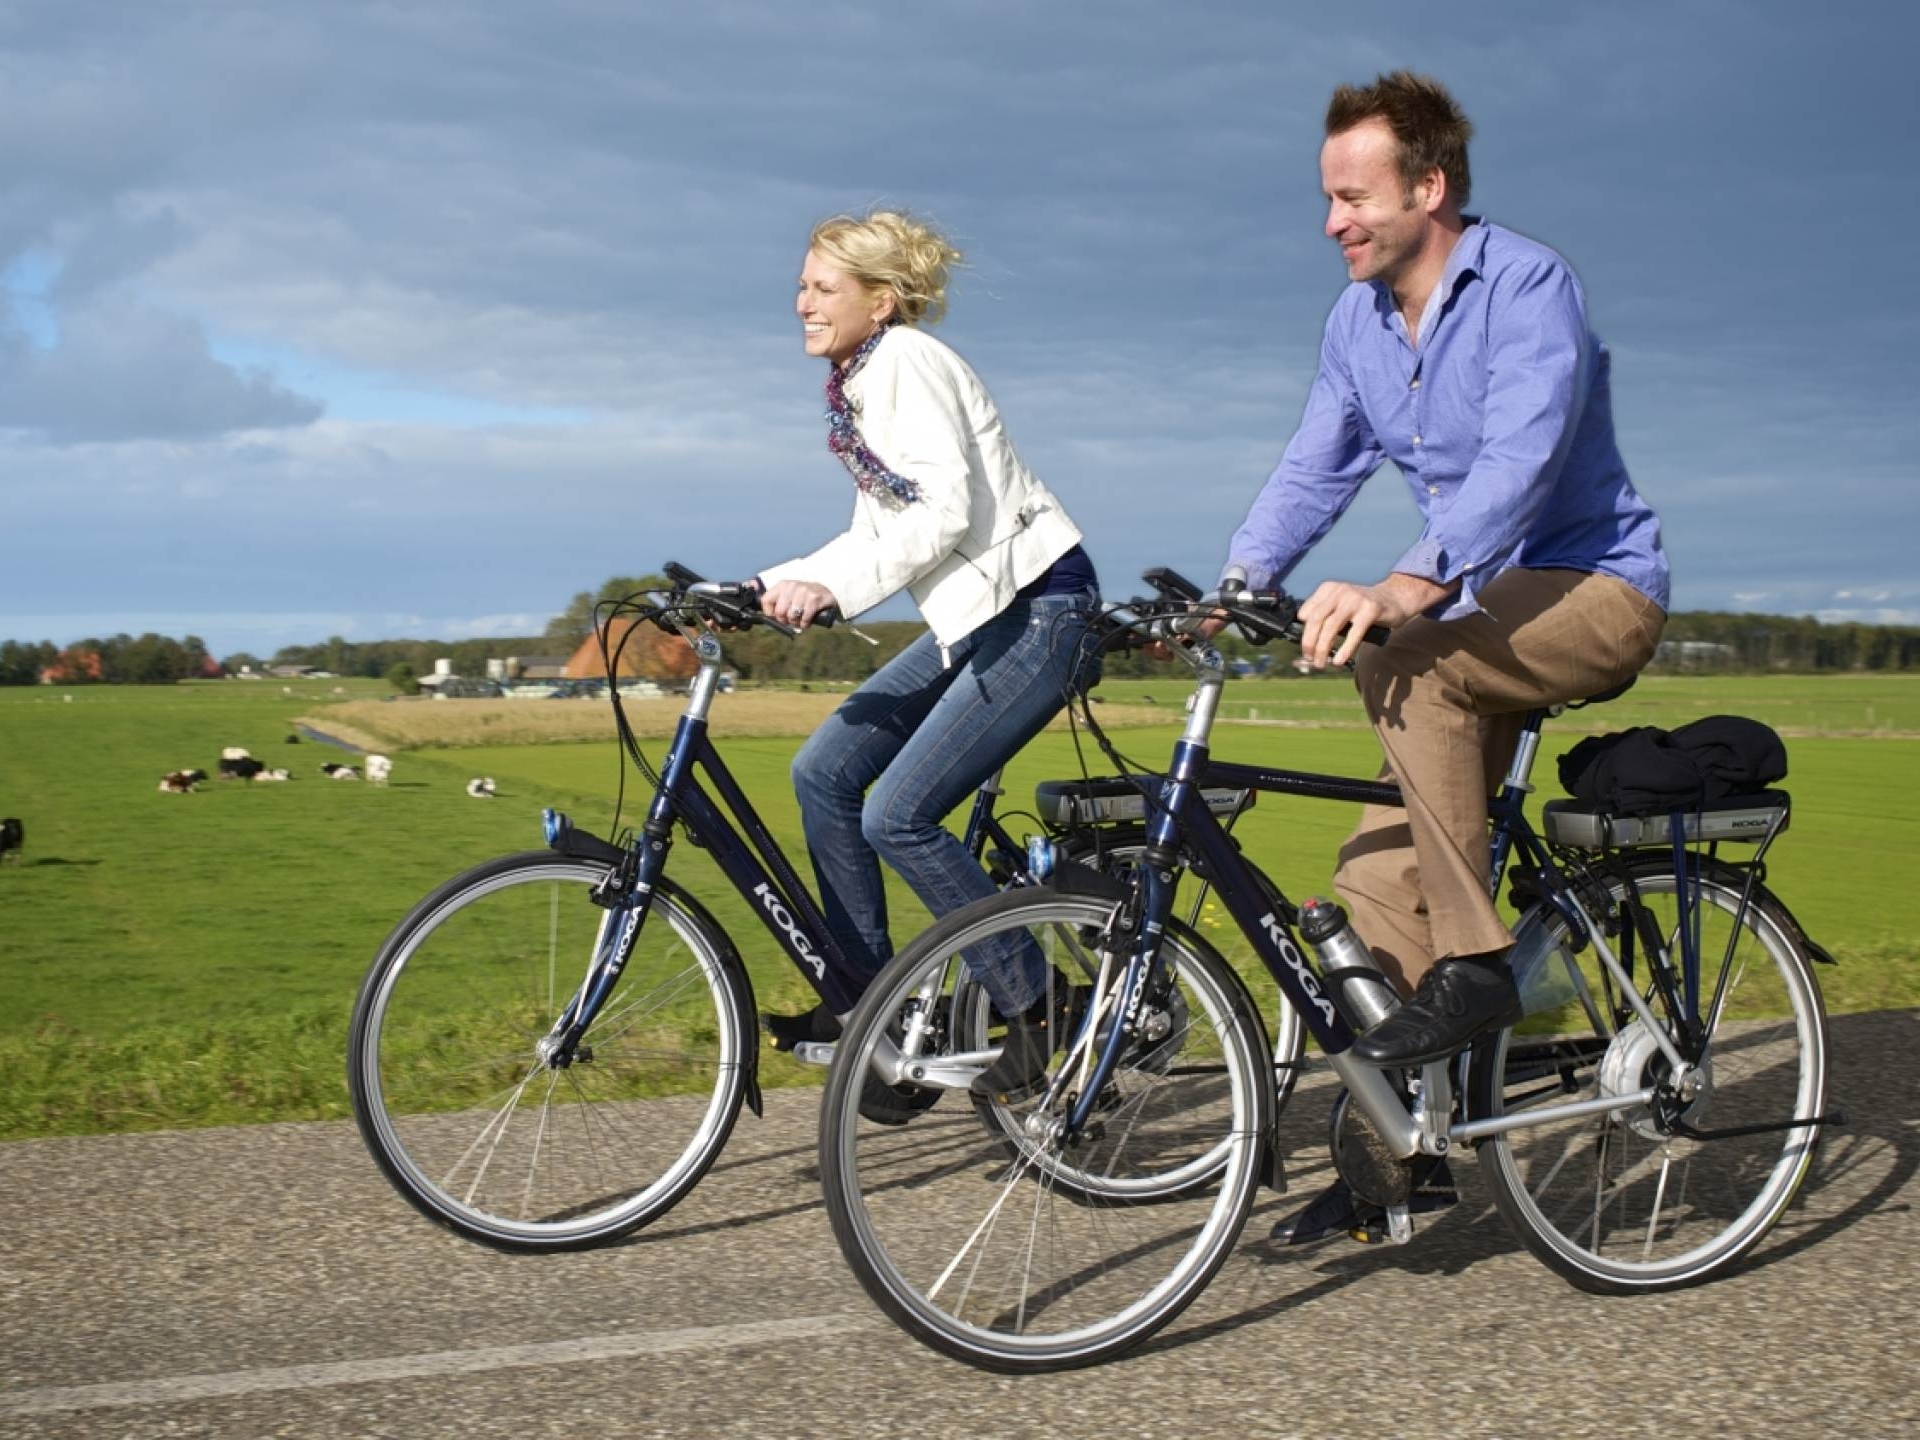 'Auto blijft probleem' bij stijgend aantal dodelijke e-bike-ongelukken